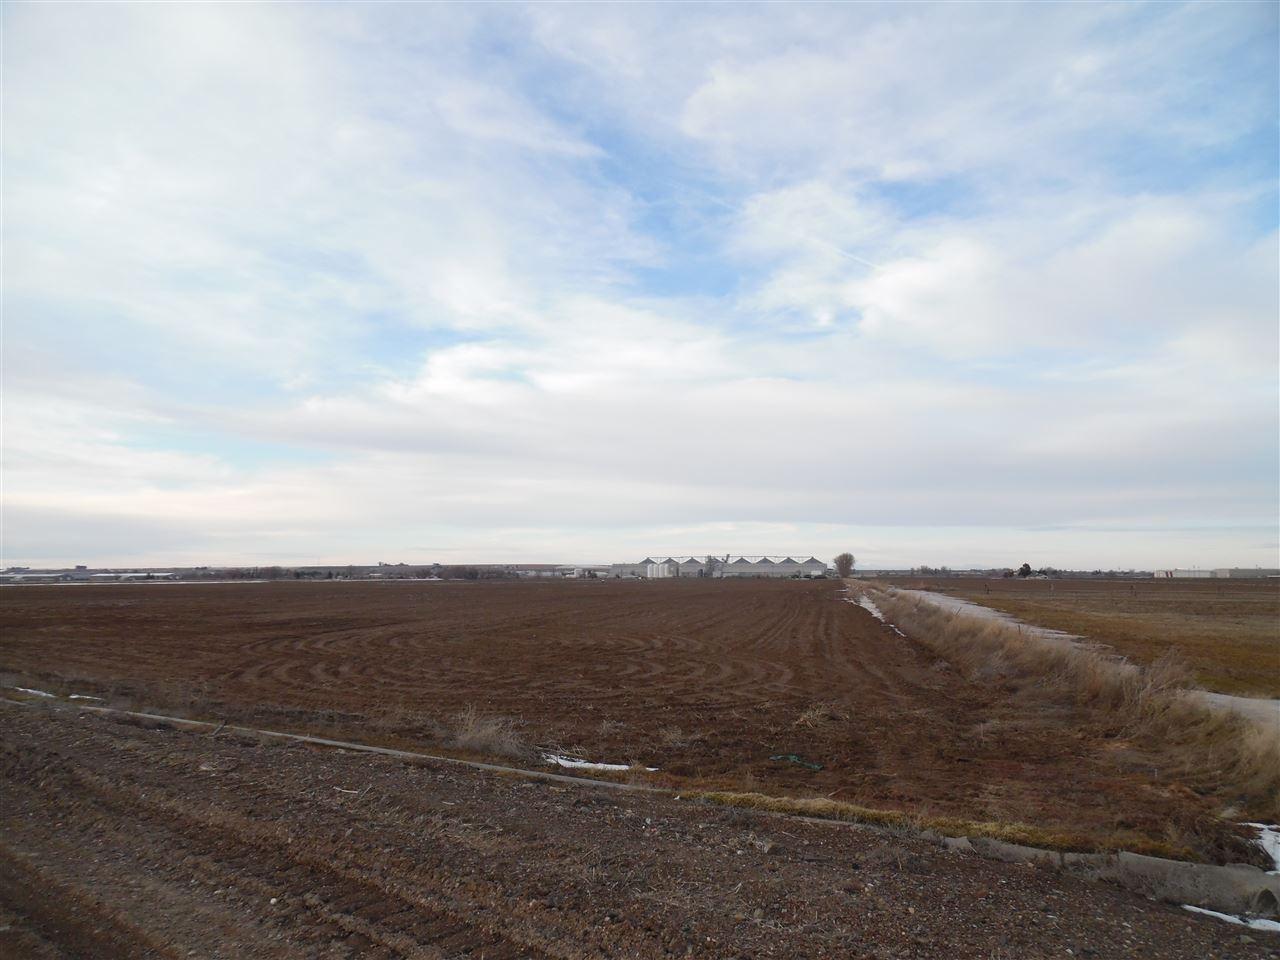 Farm / Ranch for Sale at 351 W Hwy 30 Burley, Idaho 83318